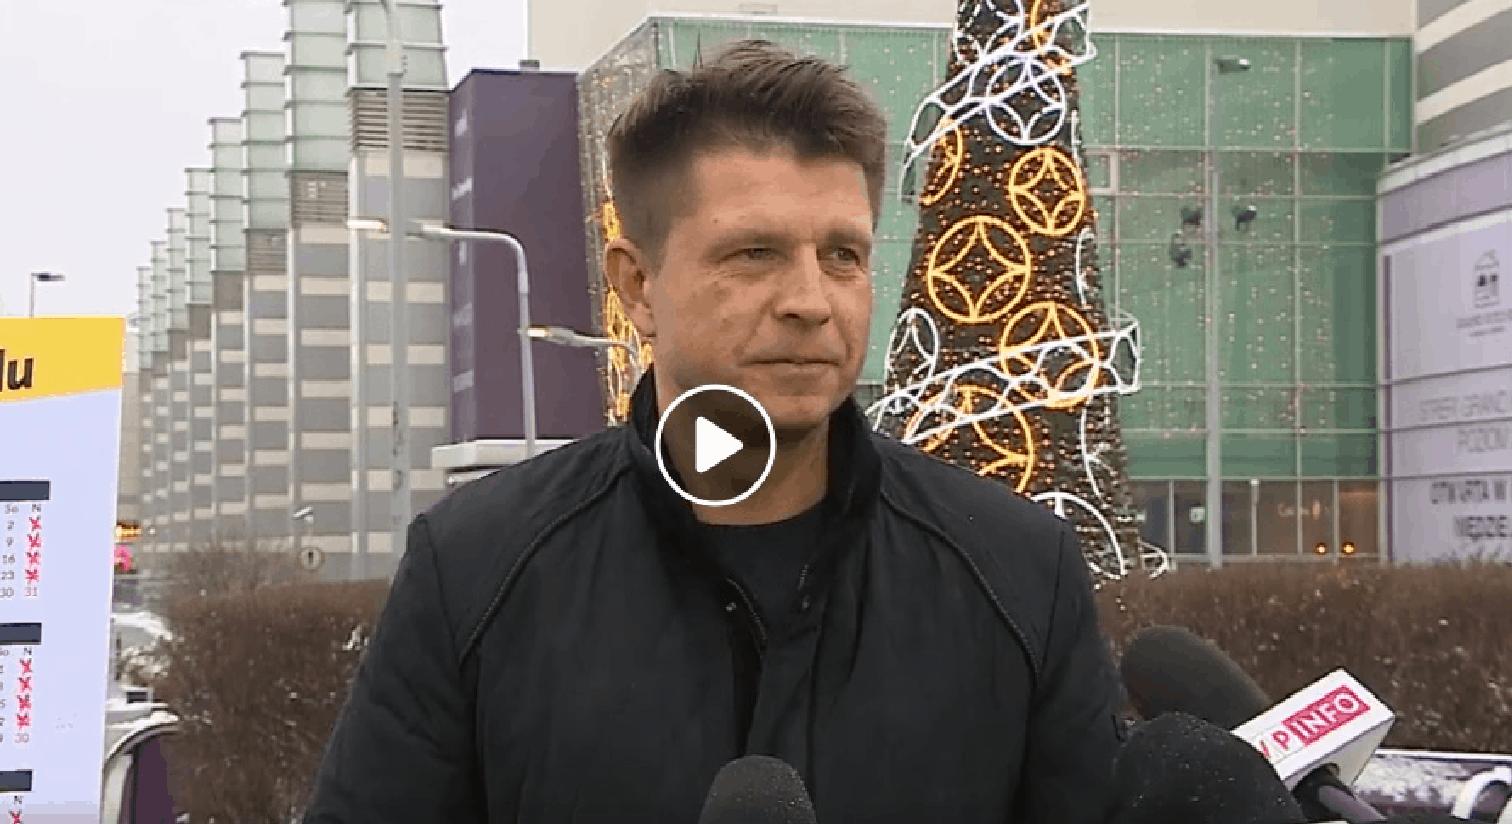 Ryszard Petru (Nowoczesna) w 2015 roku stał się czarnym koniem wyścigu o polski parlament. Petru zapowiada, że to nie było jego ostatnie słowo w polityce.